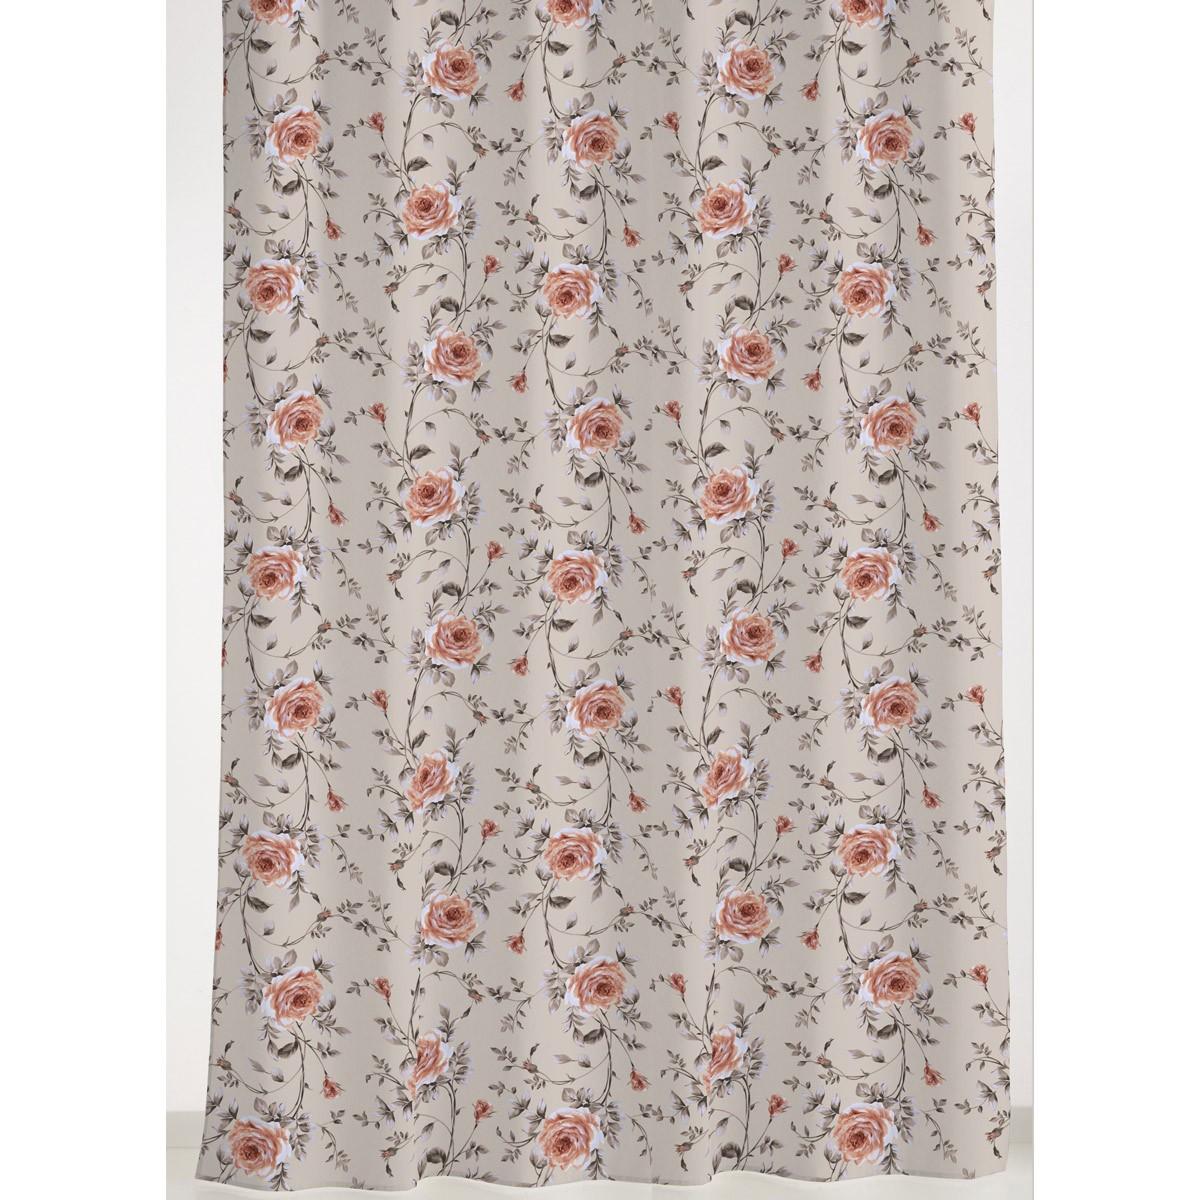 Κουρτίνα (280x270) Viopros Curtains Μπόστον